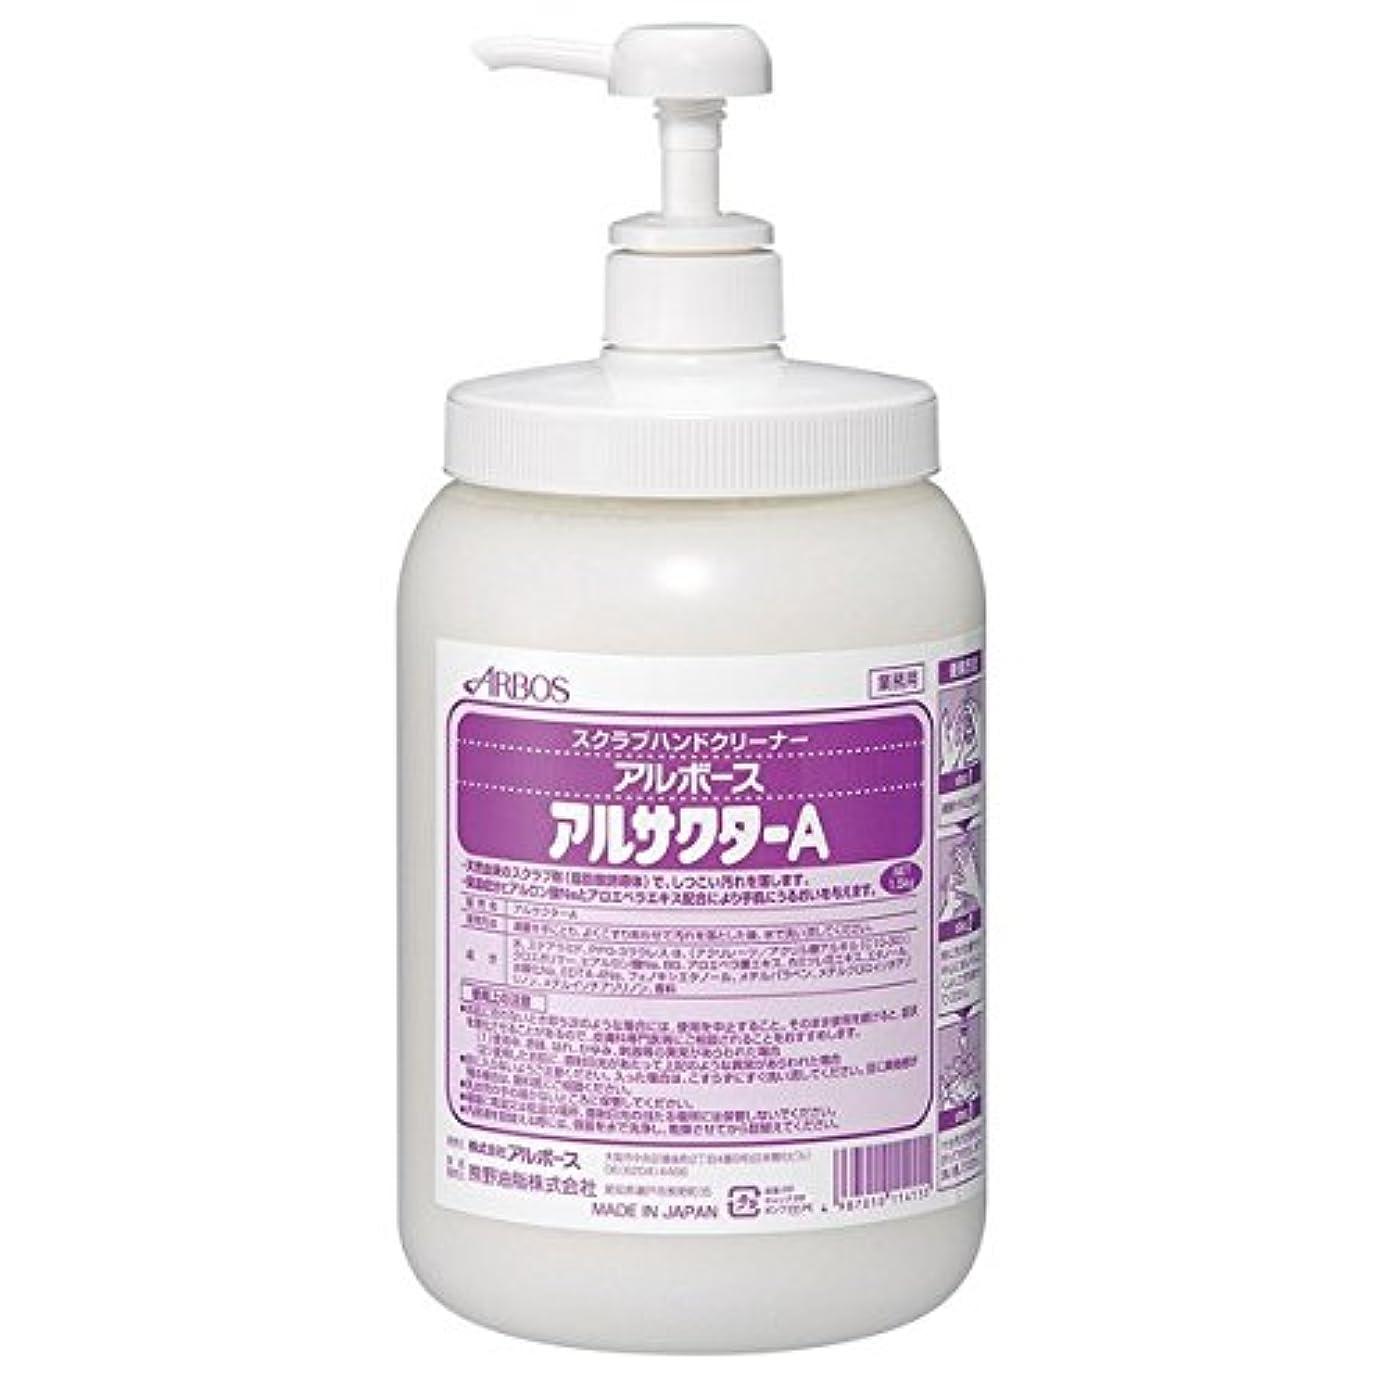 蜜形状反毒アルボース スクラブハンドクリーナー アルサクターA 1.5kgポンプボトル